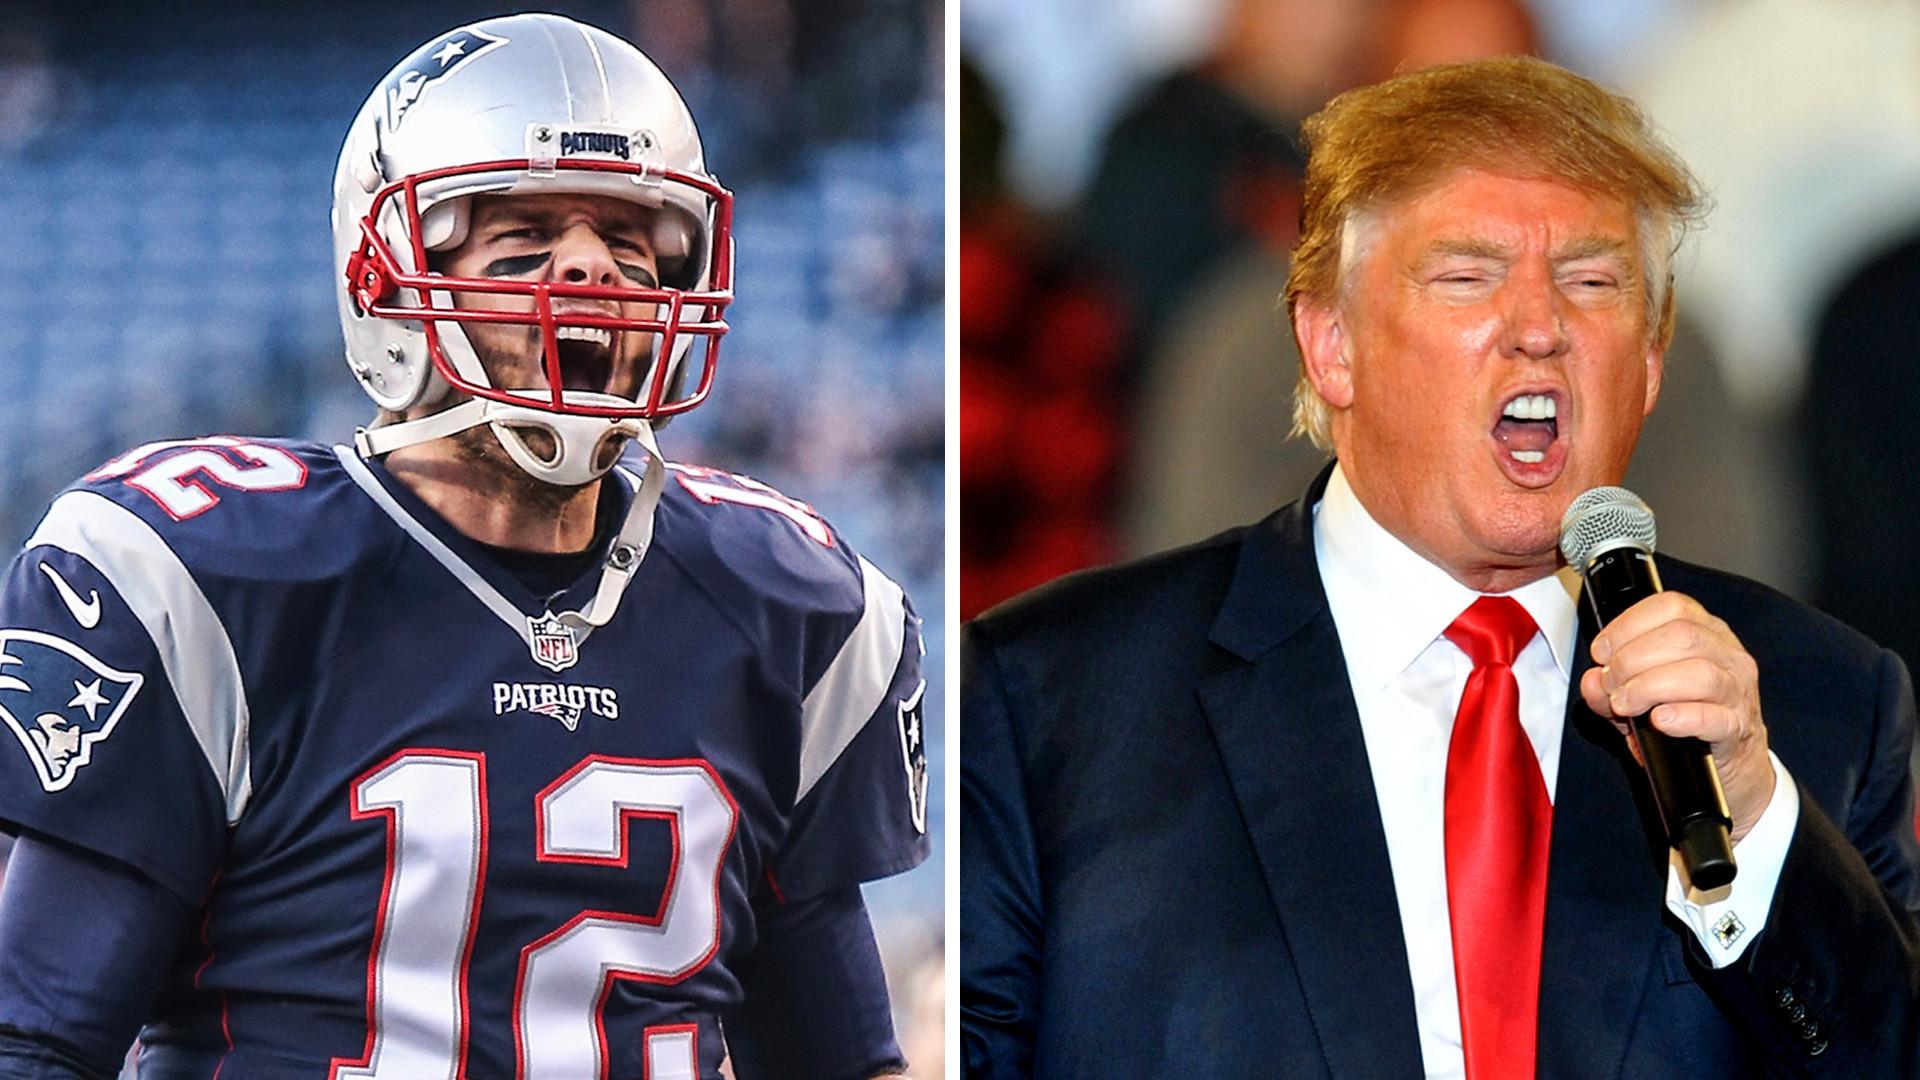 Donald Trump talks like he's Tom Brady's biggest fan | NFL | Sporting News